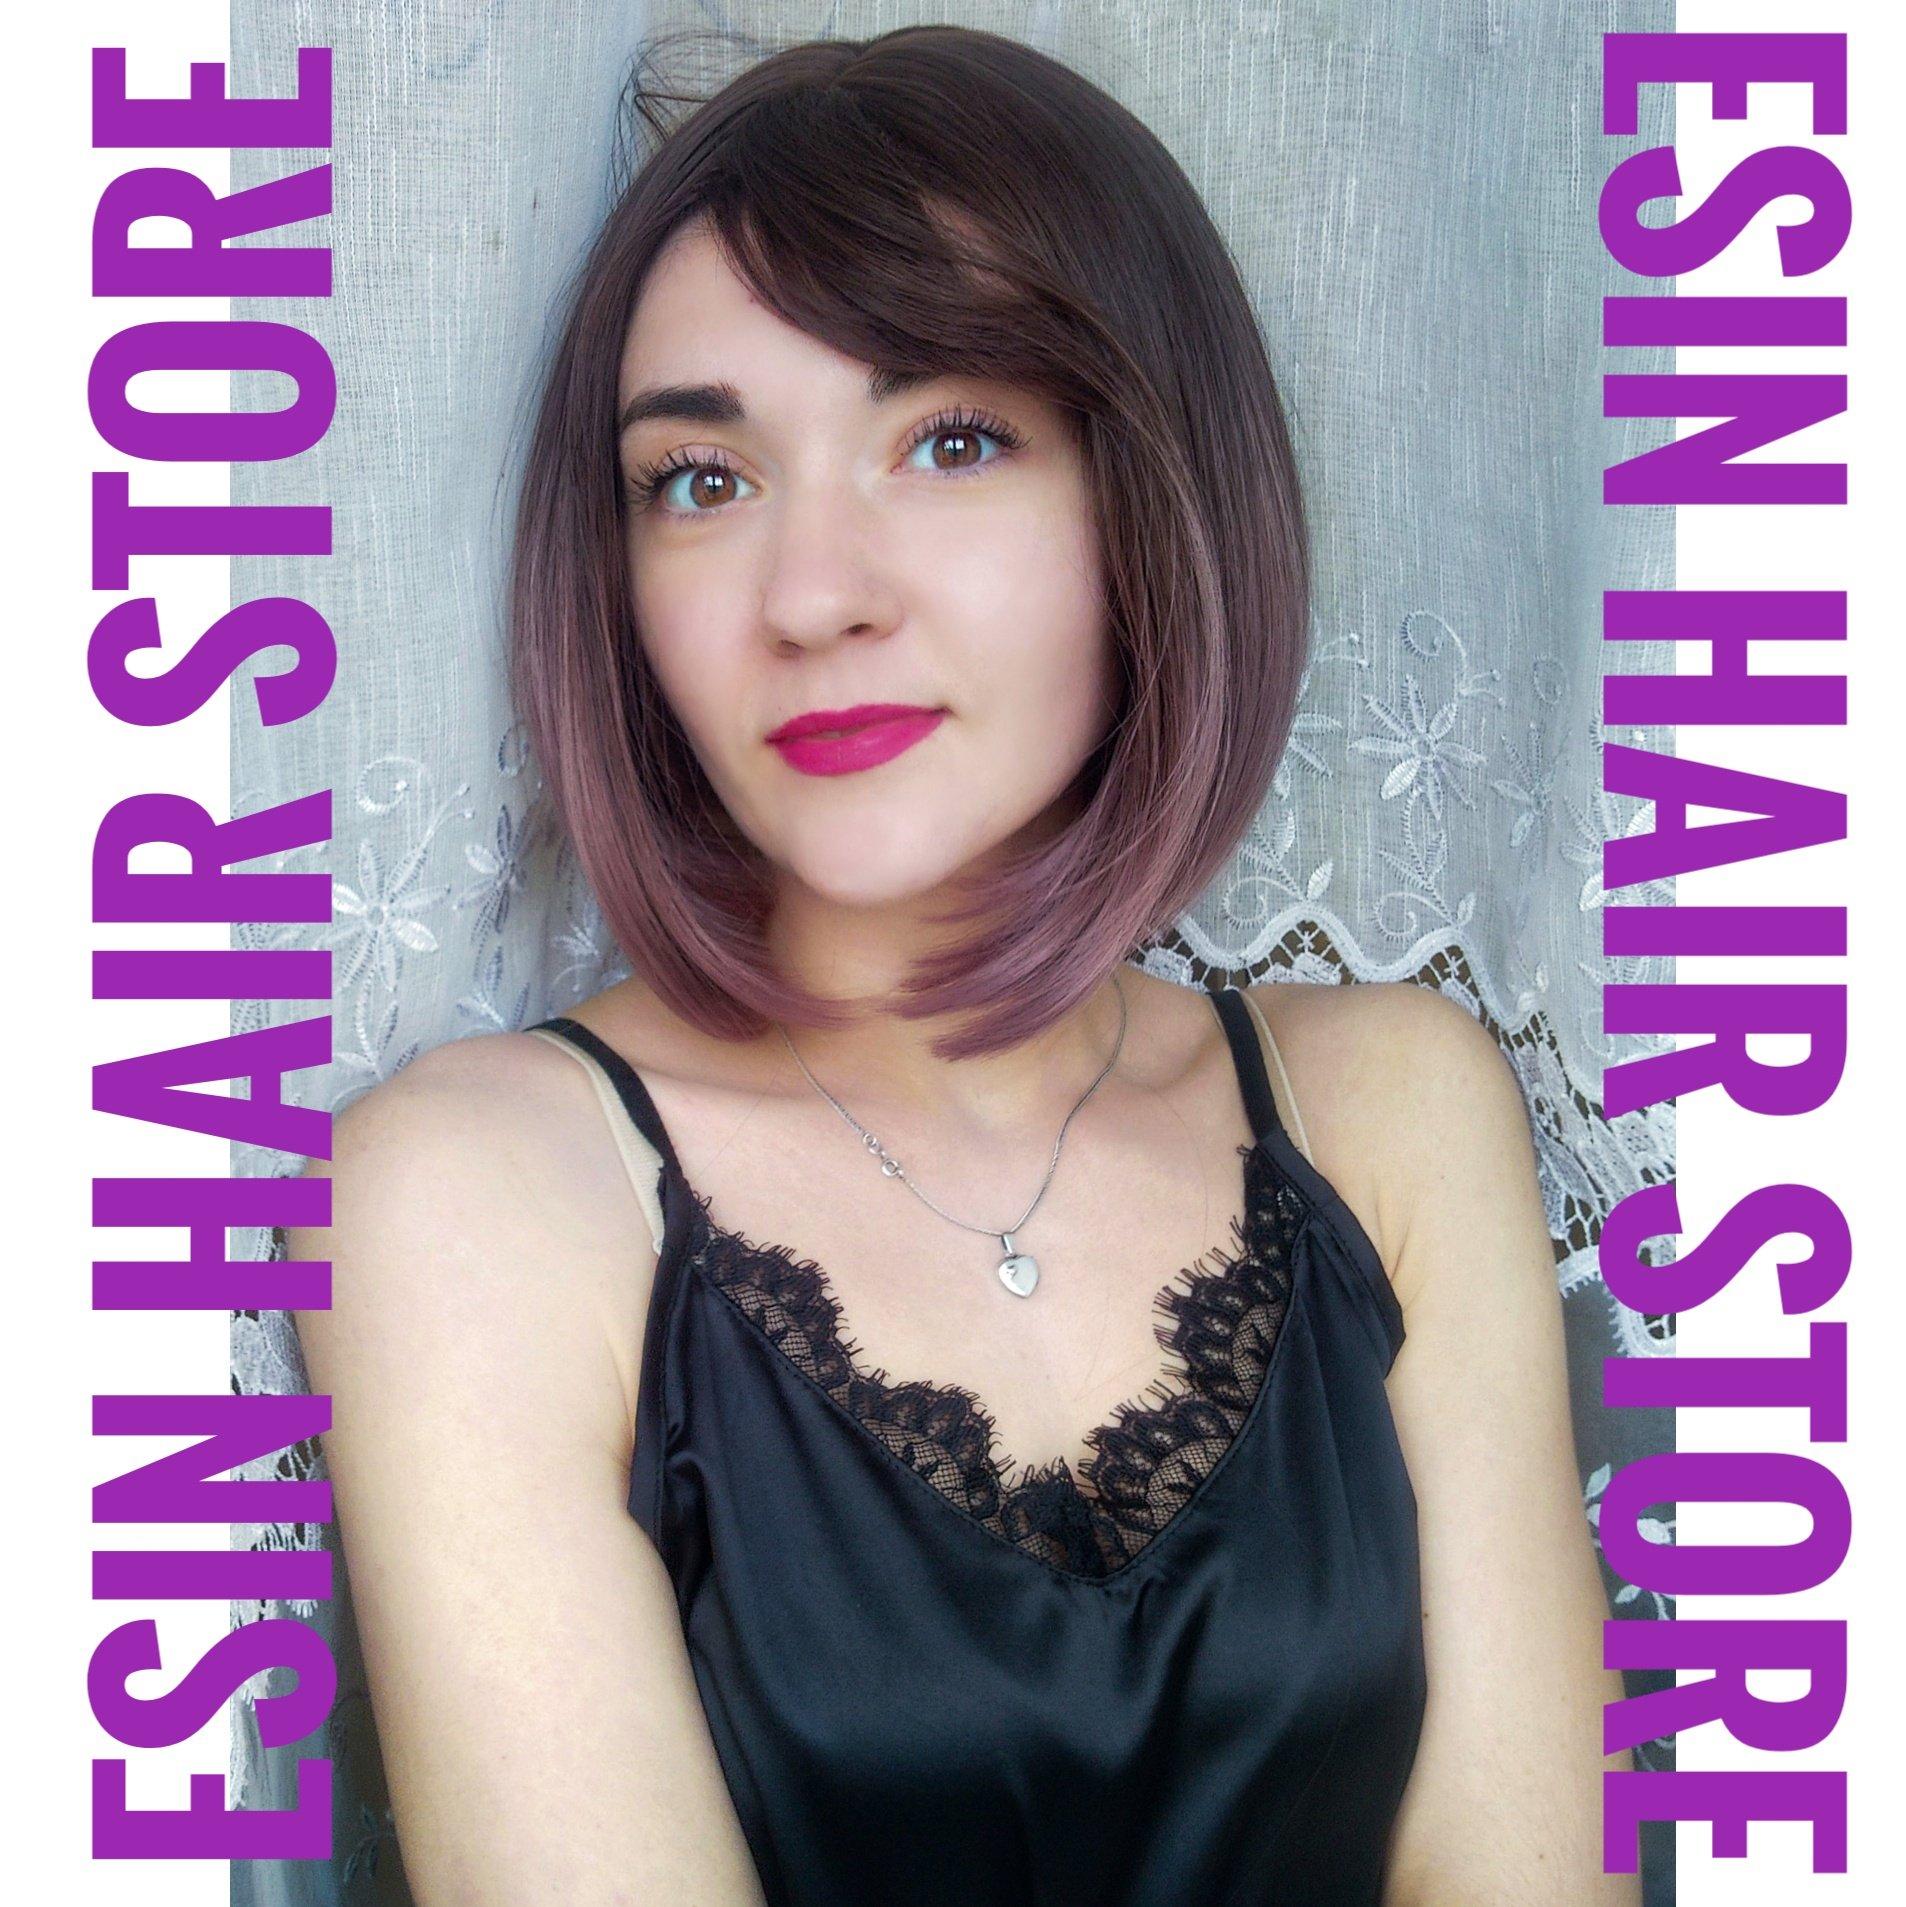 ...когда очень хочется сменить имидж - примерь парик!  Магазин: Esin Hair Store